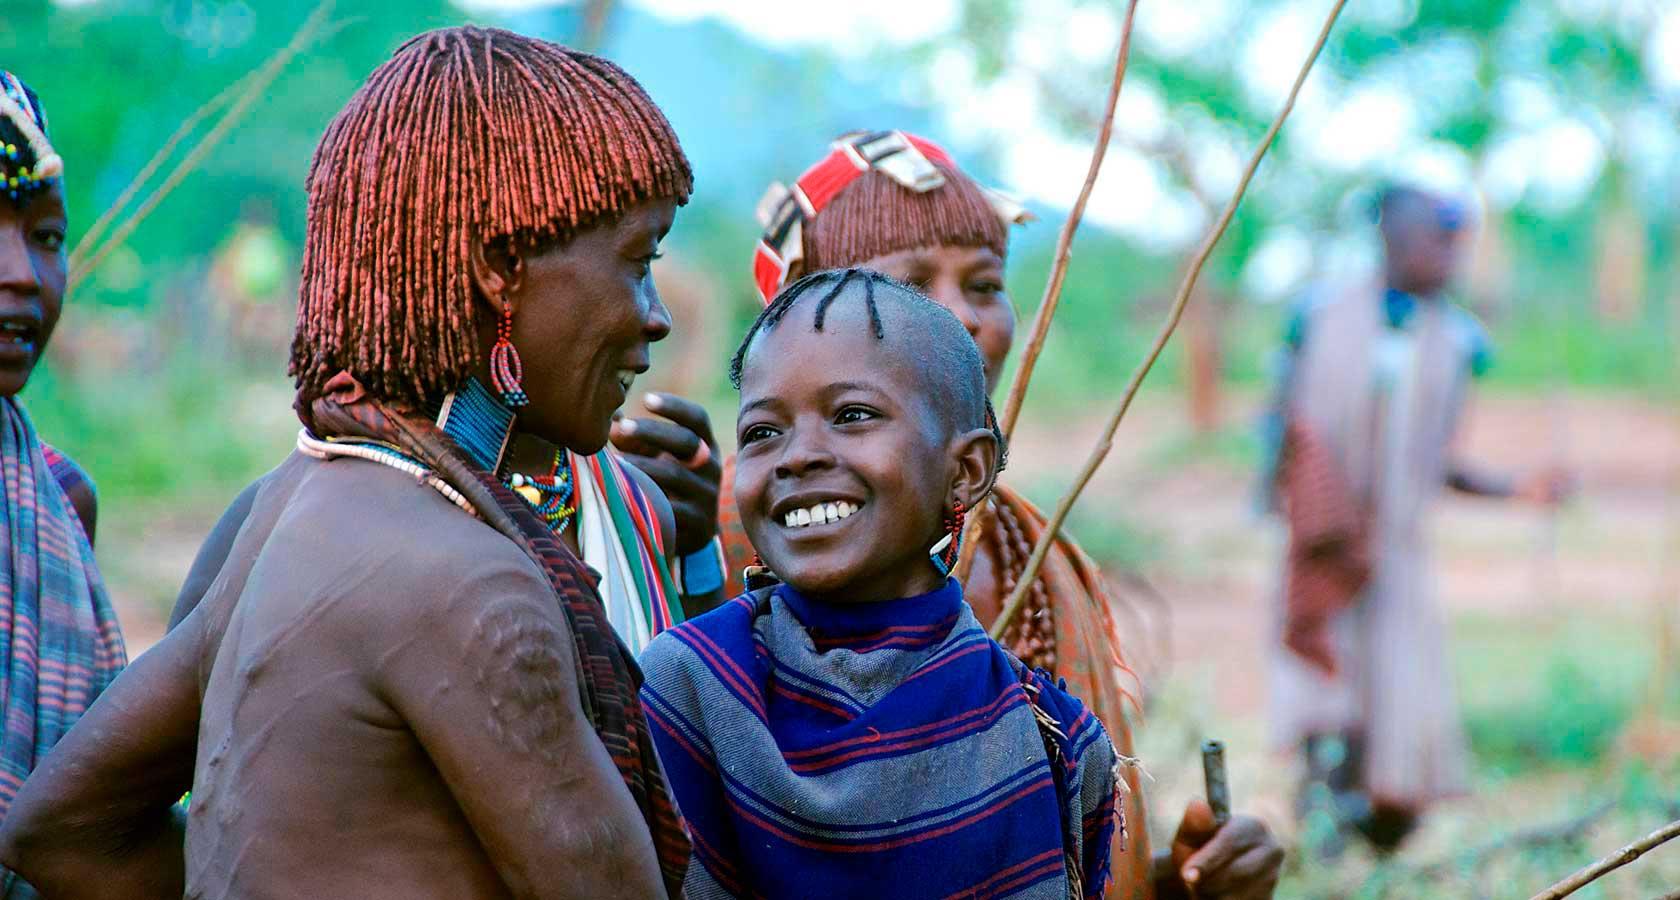 В африке сосут член в племени